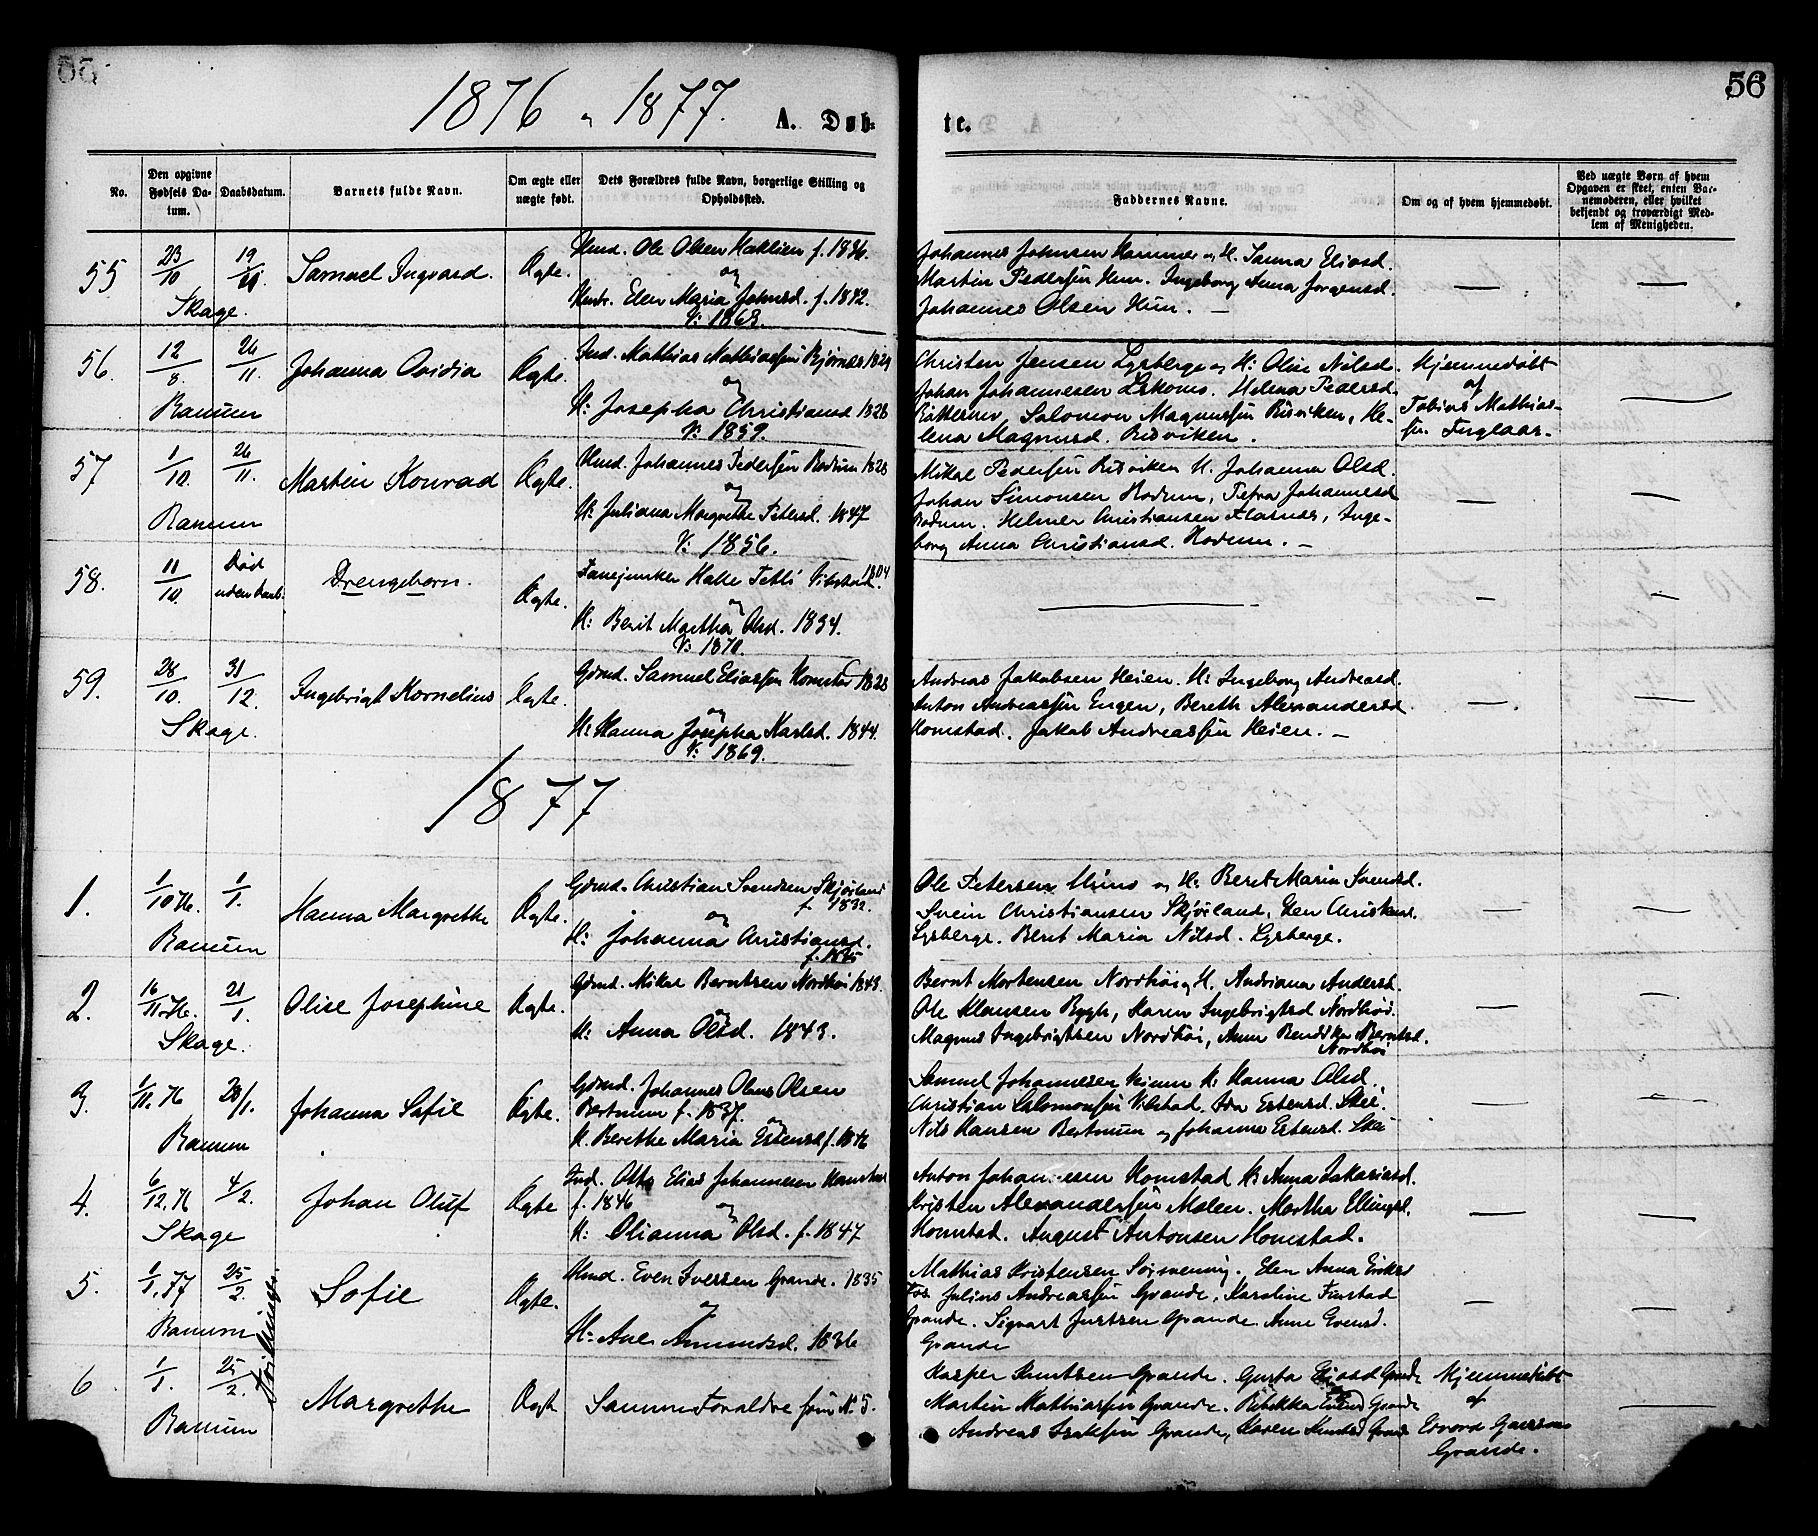 SAT, Ministerialprotokoller, klokkerbøker og fødselsregistre - Nord-Trøndelag, 764/L0554: Ministerialbok nr. 764A09, 1867-1880, s. 56